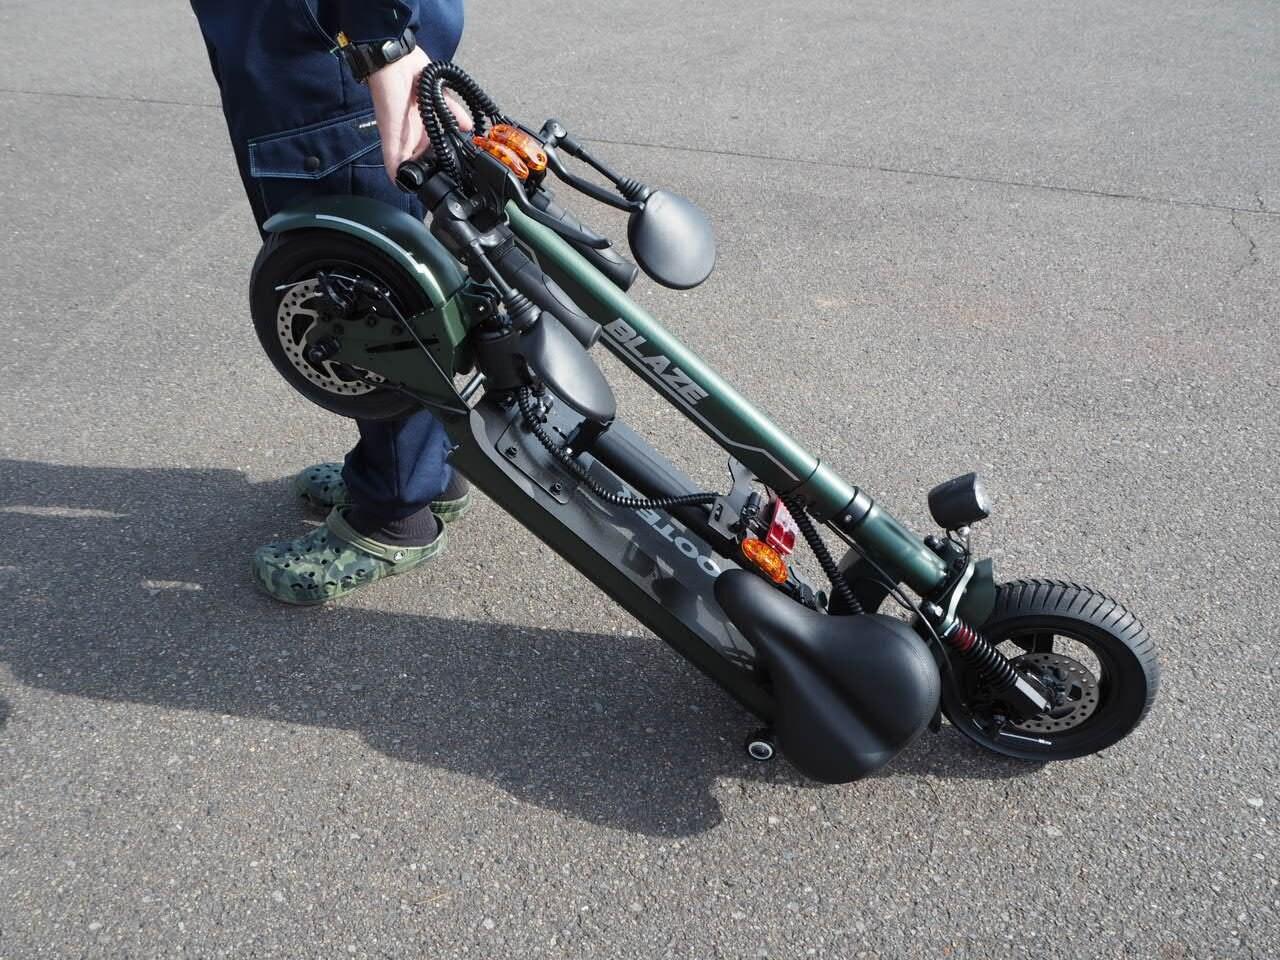 100%電気で動く折畳み可能な電動バイク ブレイズEVスクーター(ワインレッド色)【現金払い・銀行振り込み専用チケット】のイメージその3